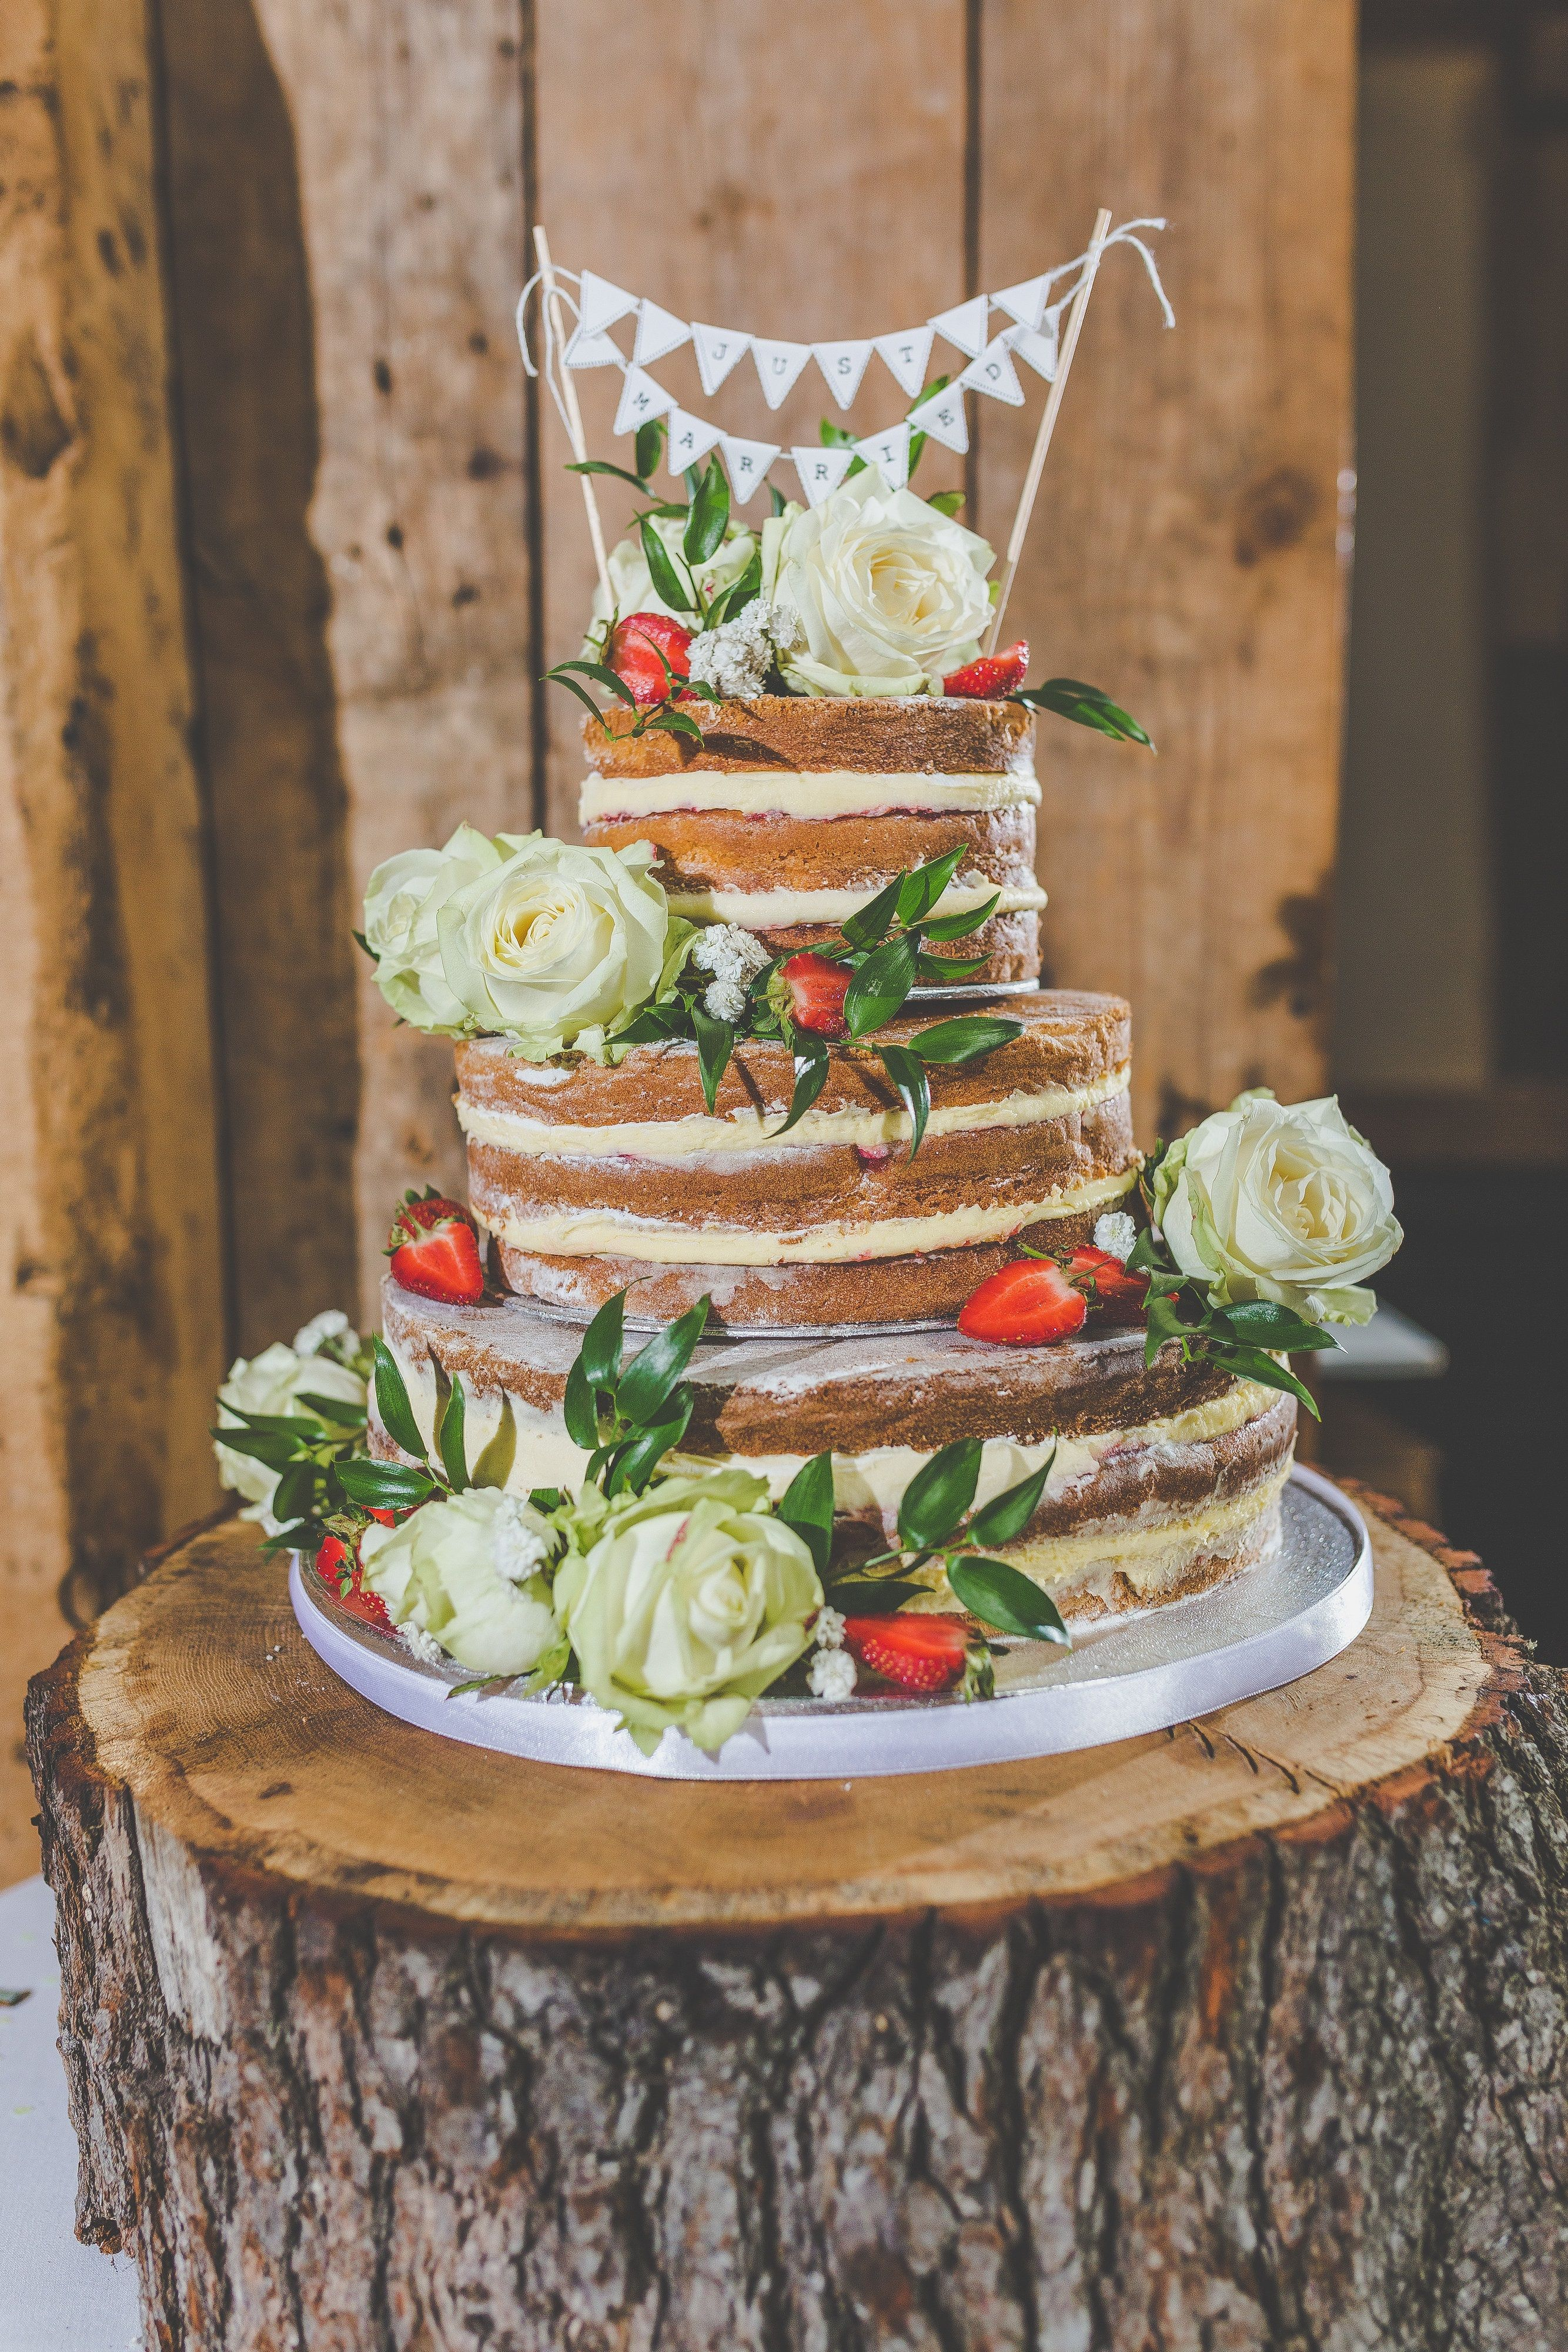 Pin On Wedding Cakes At Blake Hall